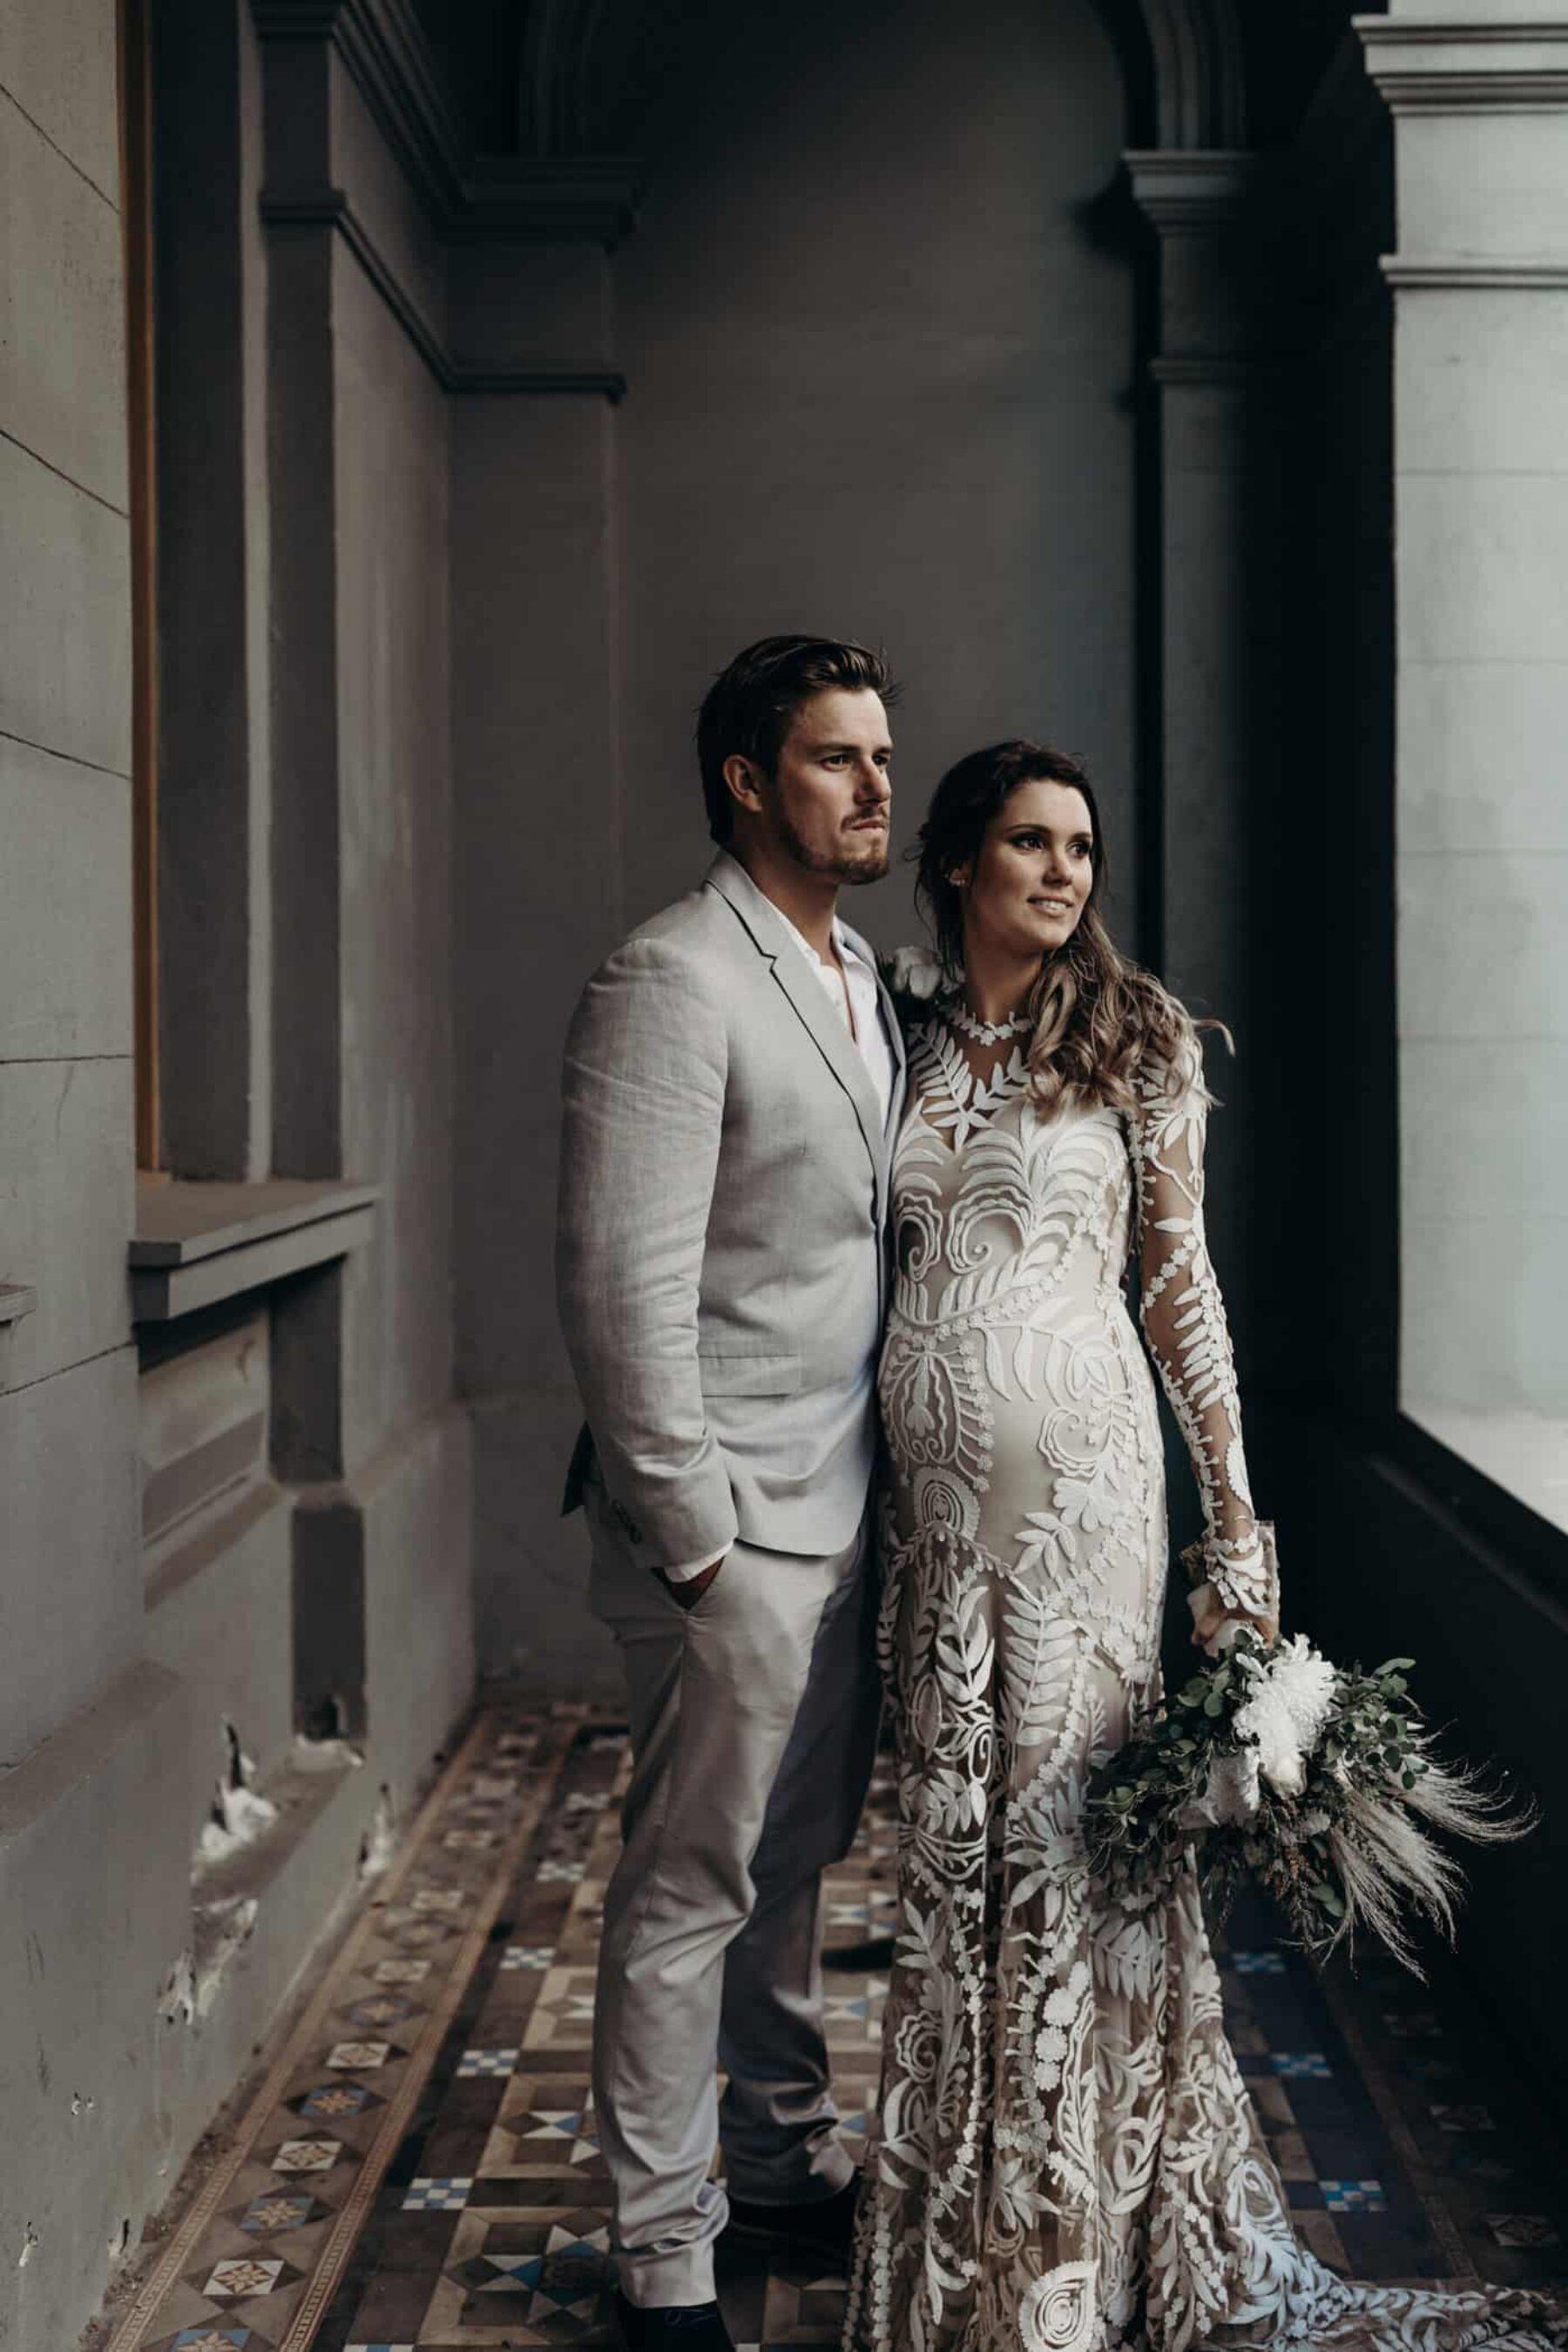 pregnant bride in long sleeve lace wedding dress by Rue de Siene